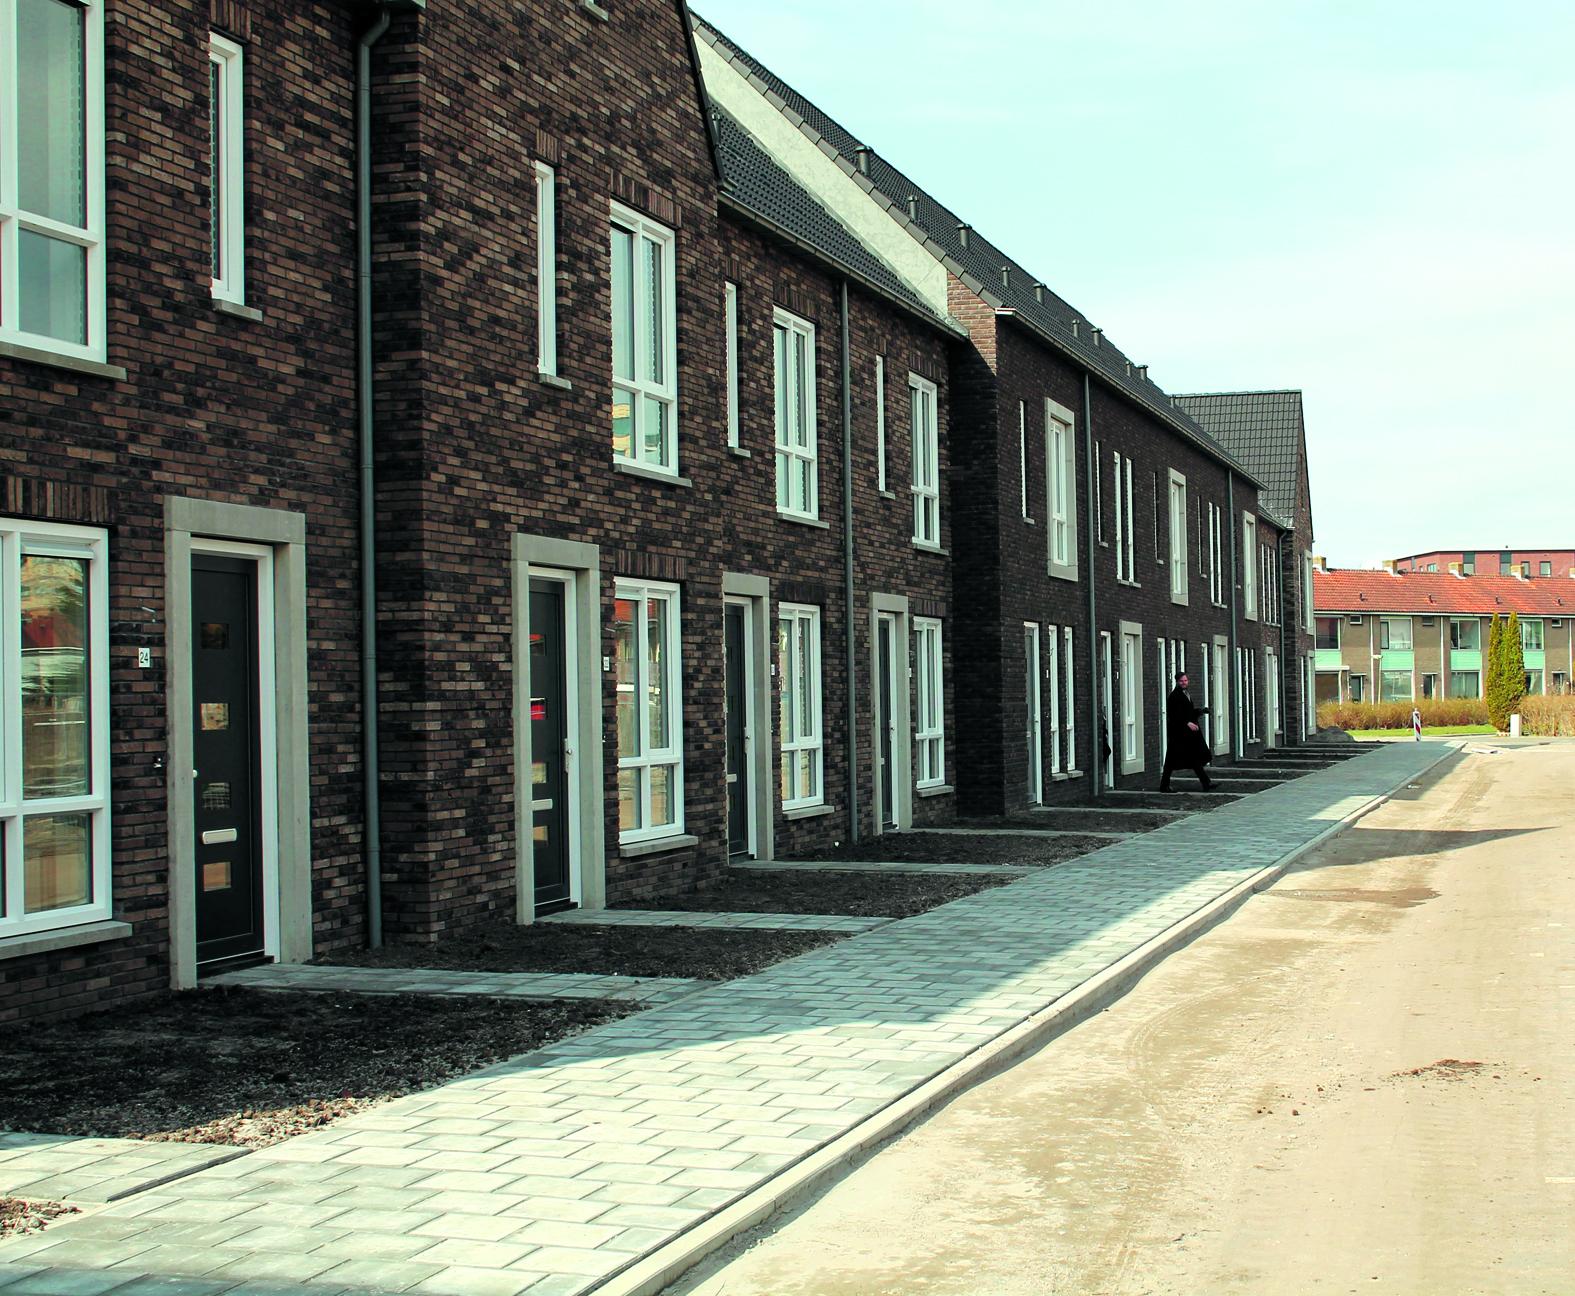 Van oud naar nieuw treffend in beeld. De blokken met oude huisjes worden de laatste drie maanden van dit jaar gesloopt. Rechts het nieuwe en duurzame appartementencomplex. (Foto: Frans van Emmerik) rodi.nl © rodi